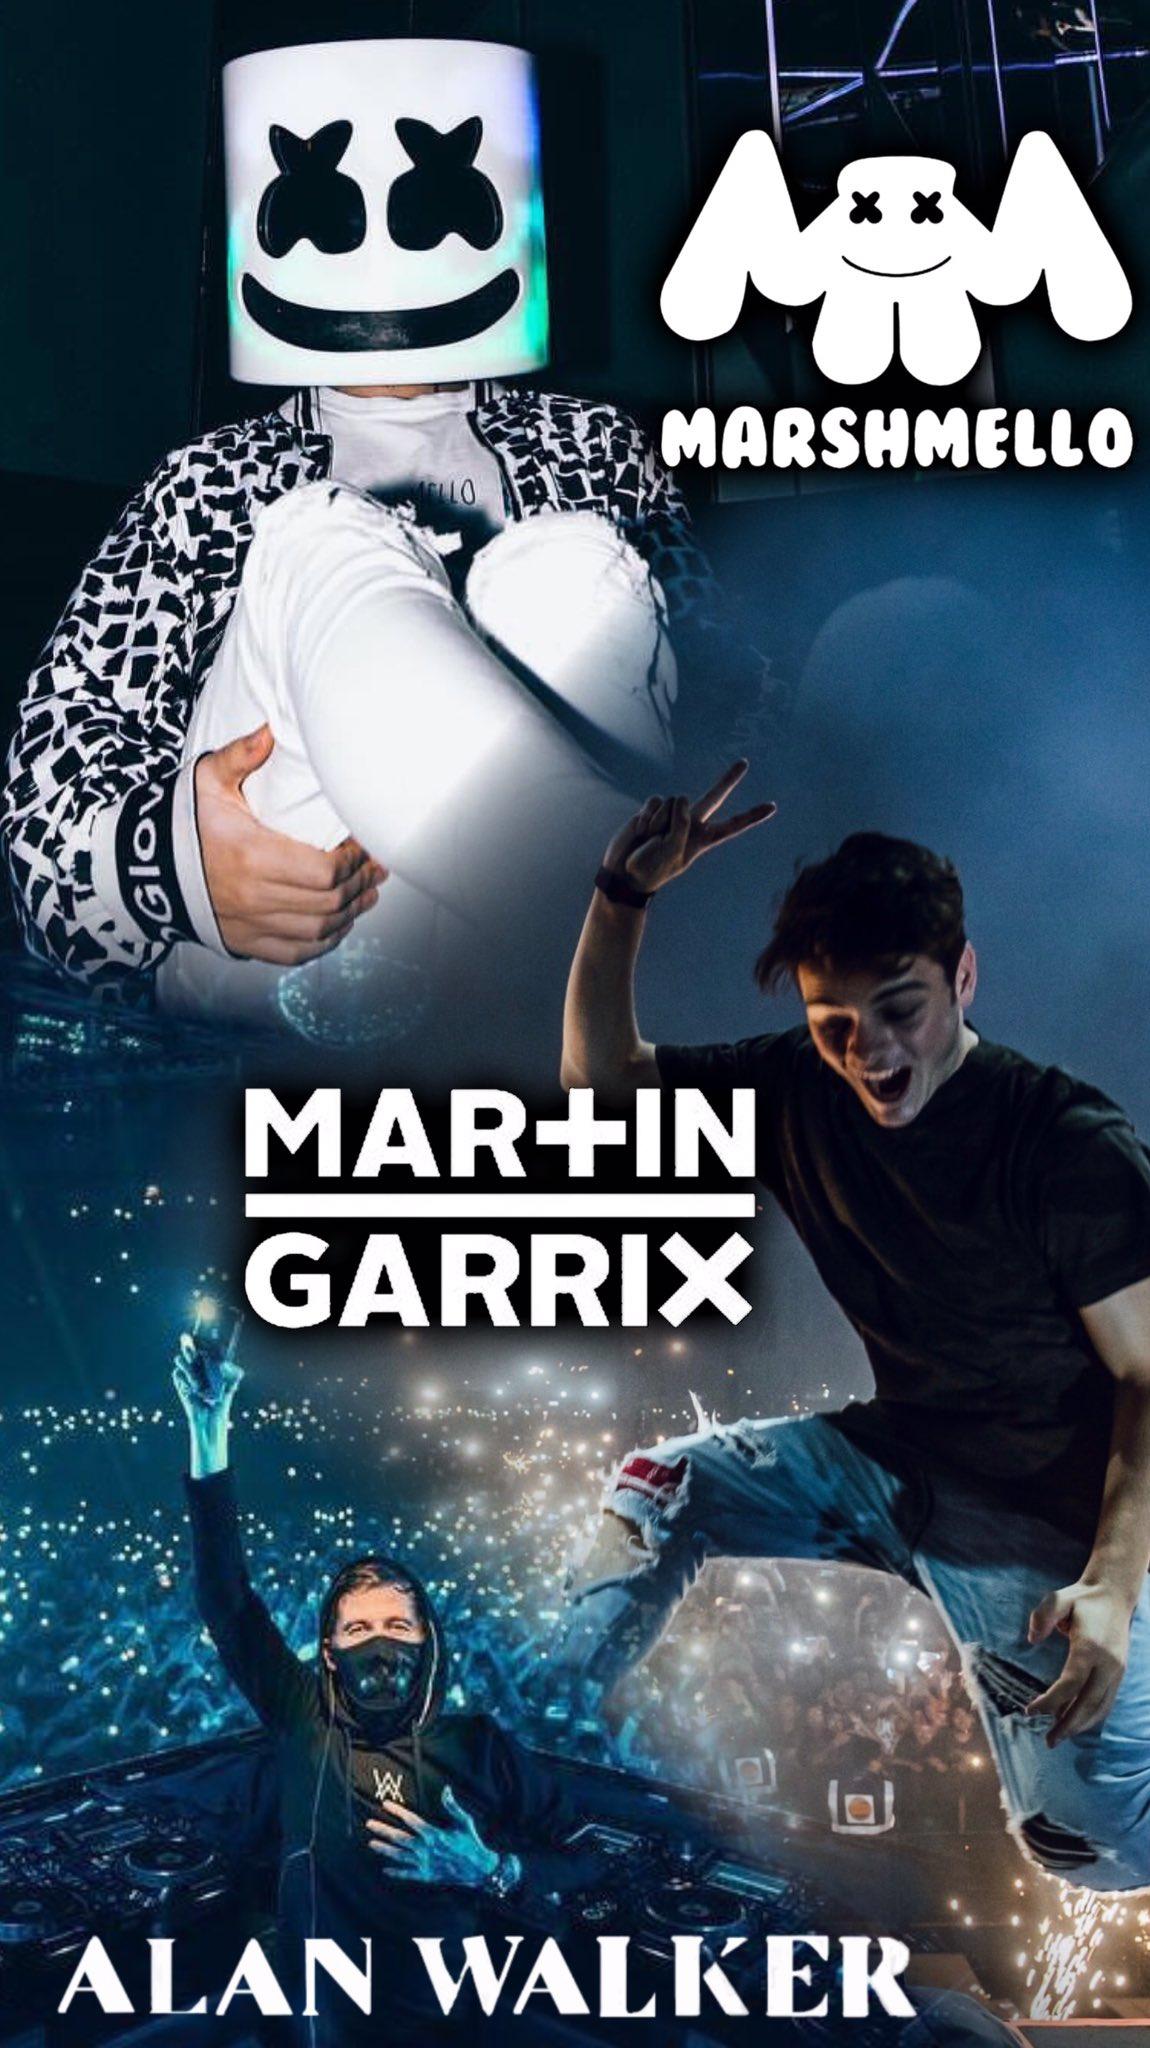 Dj壁紙 On Twitter Marshmello Marshmello Vs Martingarrix